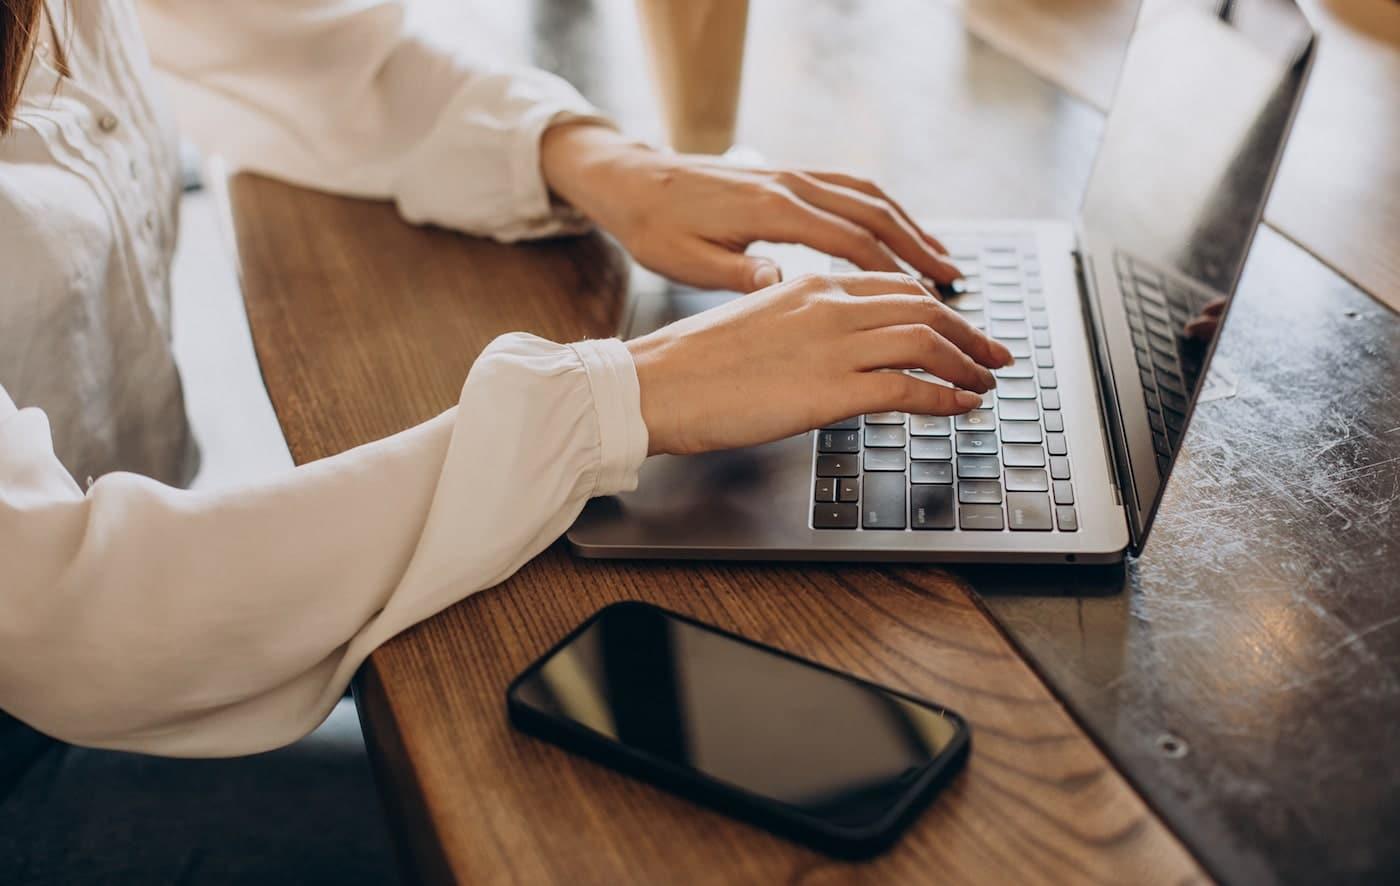 frilansare arbetar laptop och fakturerar utan företag